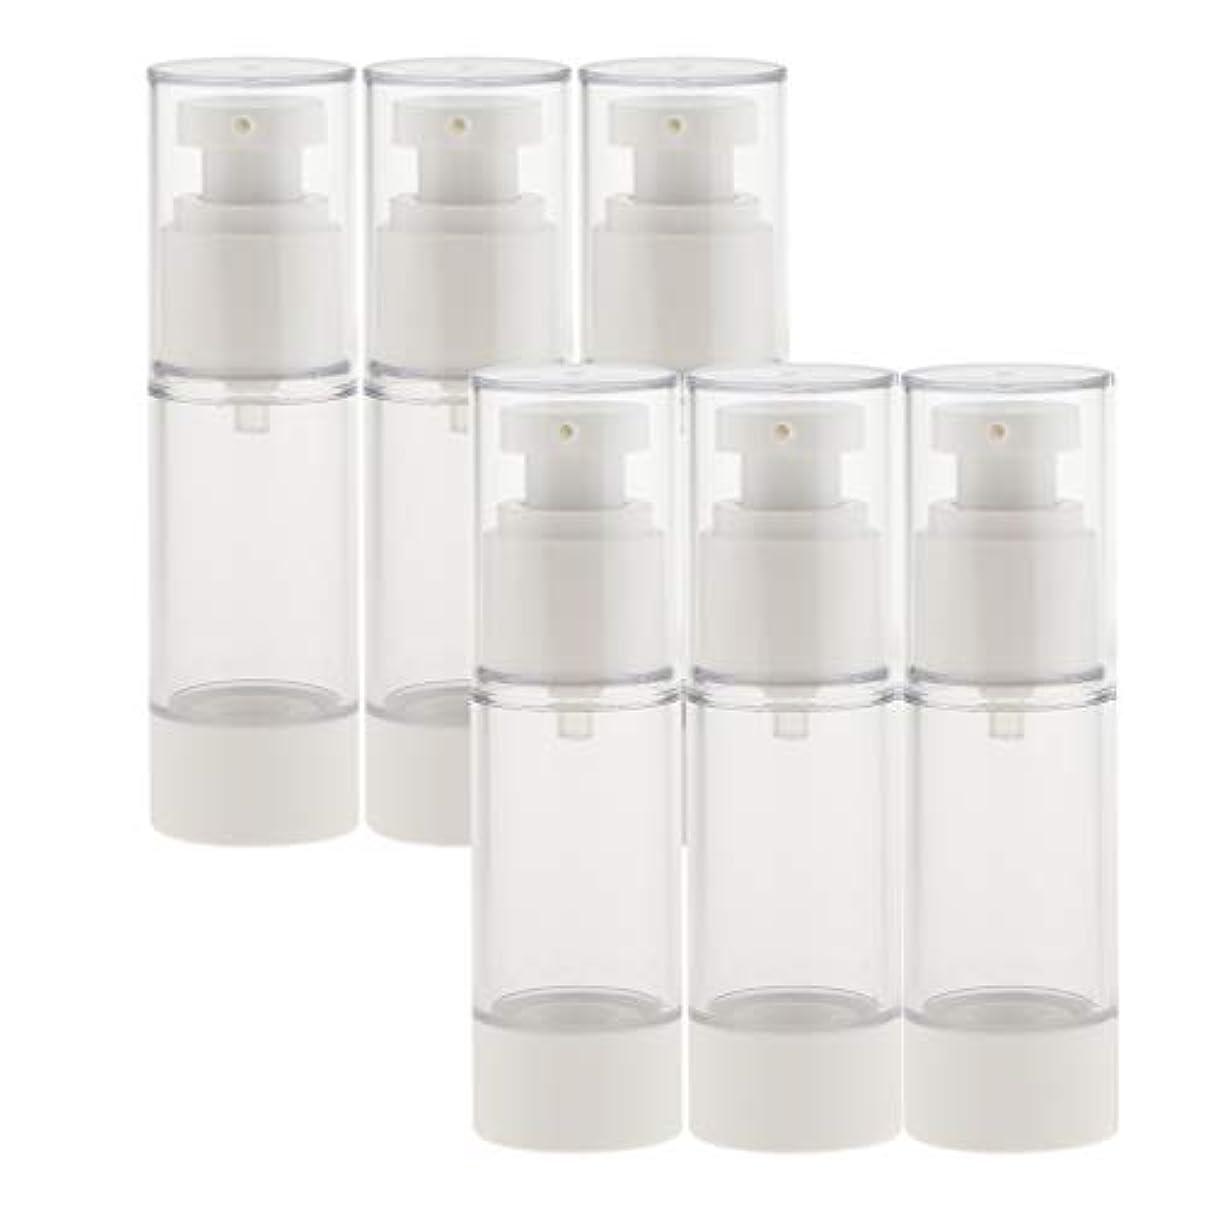 ハミングバード無能野菜dailymall スプレーボトル 6本セット 香水ボトル 真空ボトル ポンプボトル アトマイザー 全2サイズ選べ - 30ミリリットル